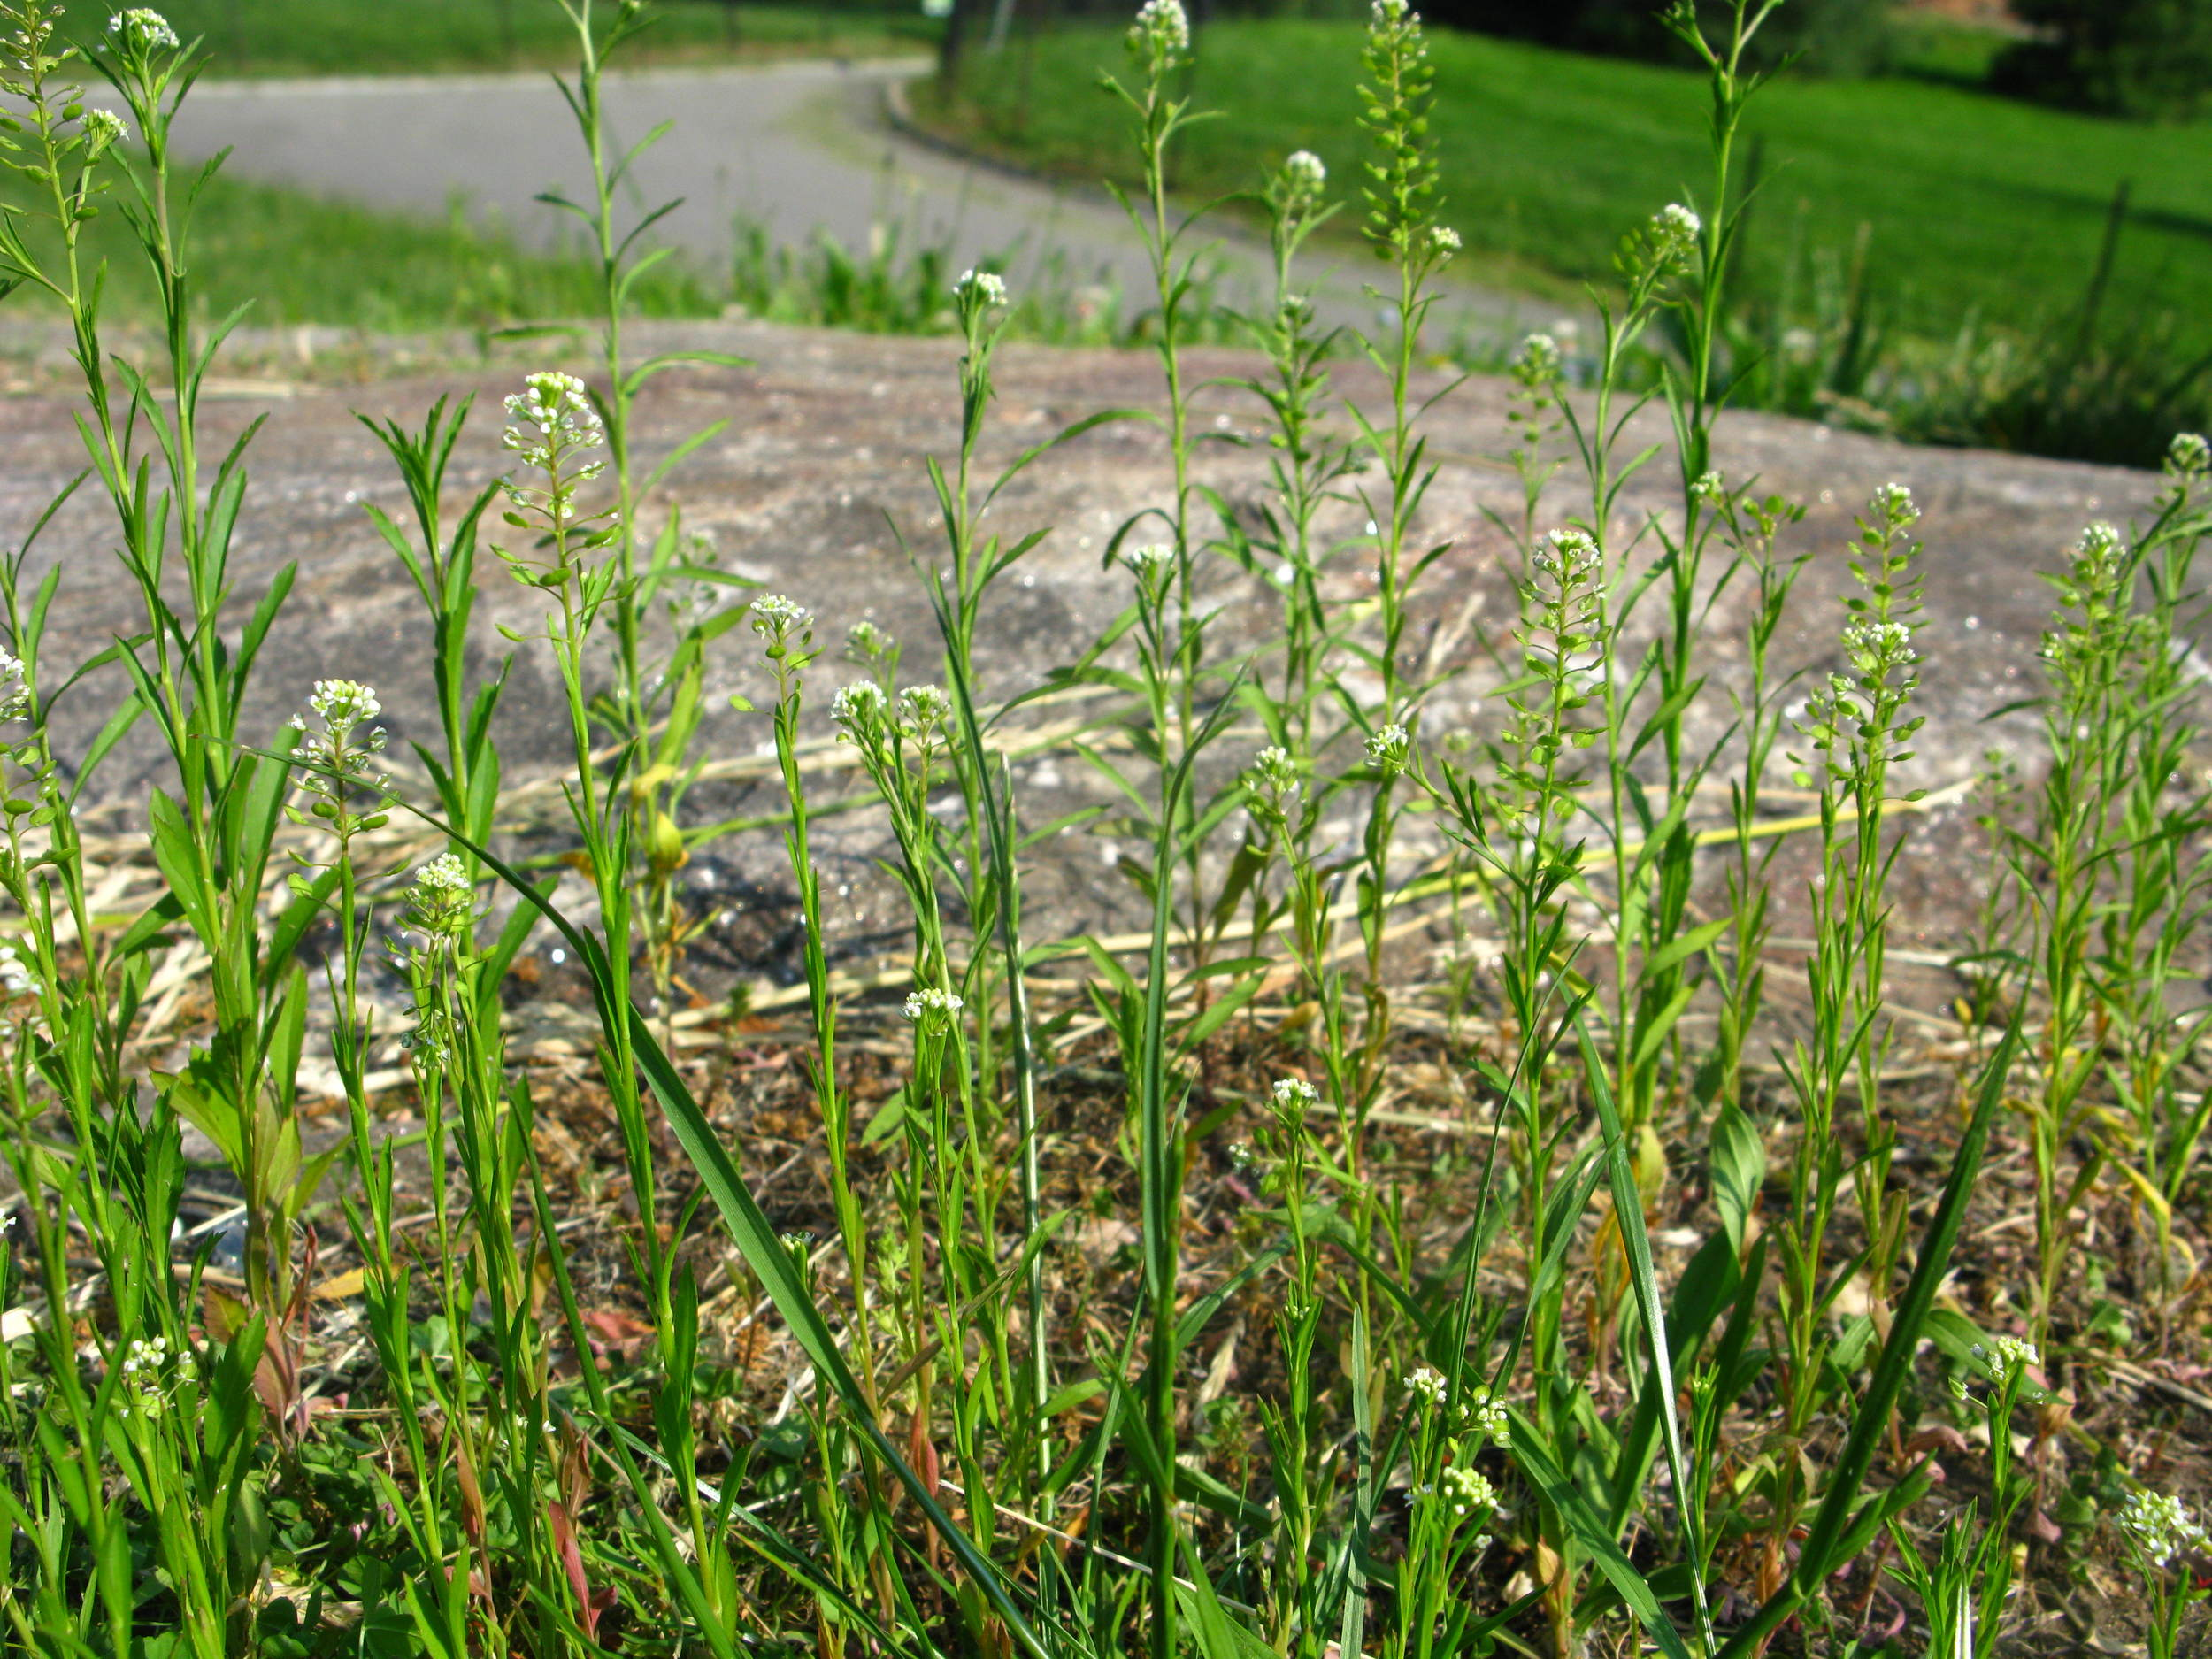 Lepidium virginicum  Virginia pepperweed